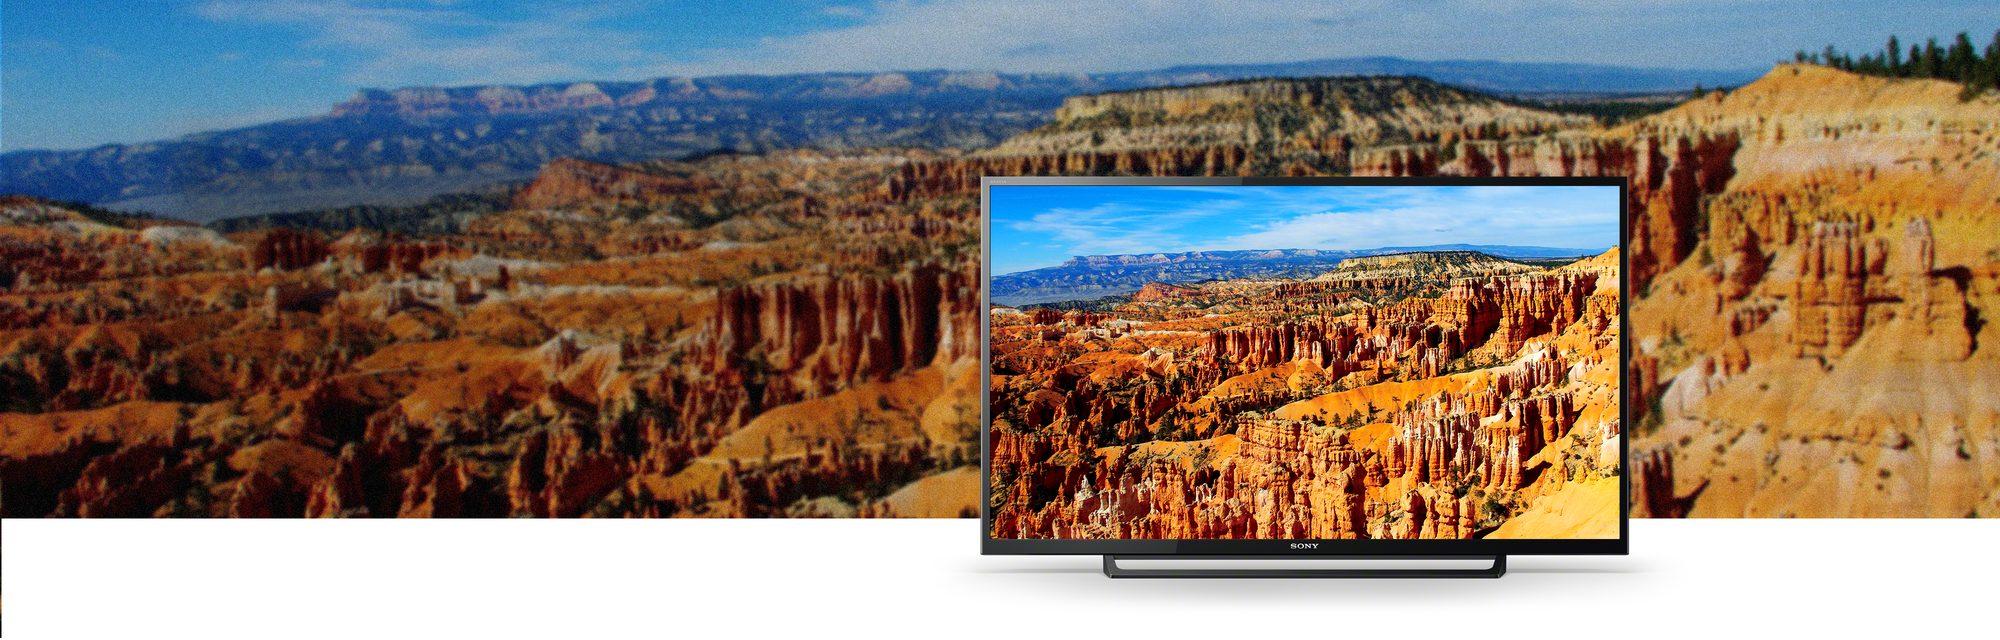 تلویزیون 40 اینچ سونی مدل 40R350